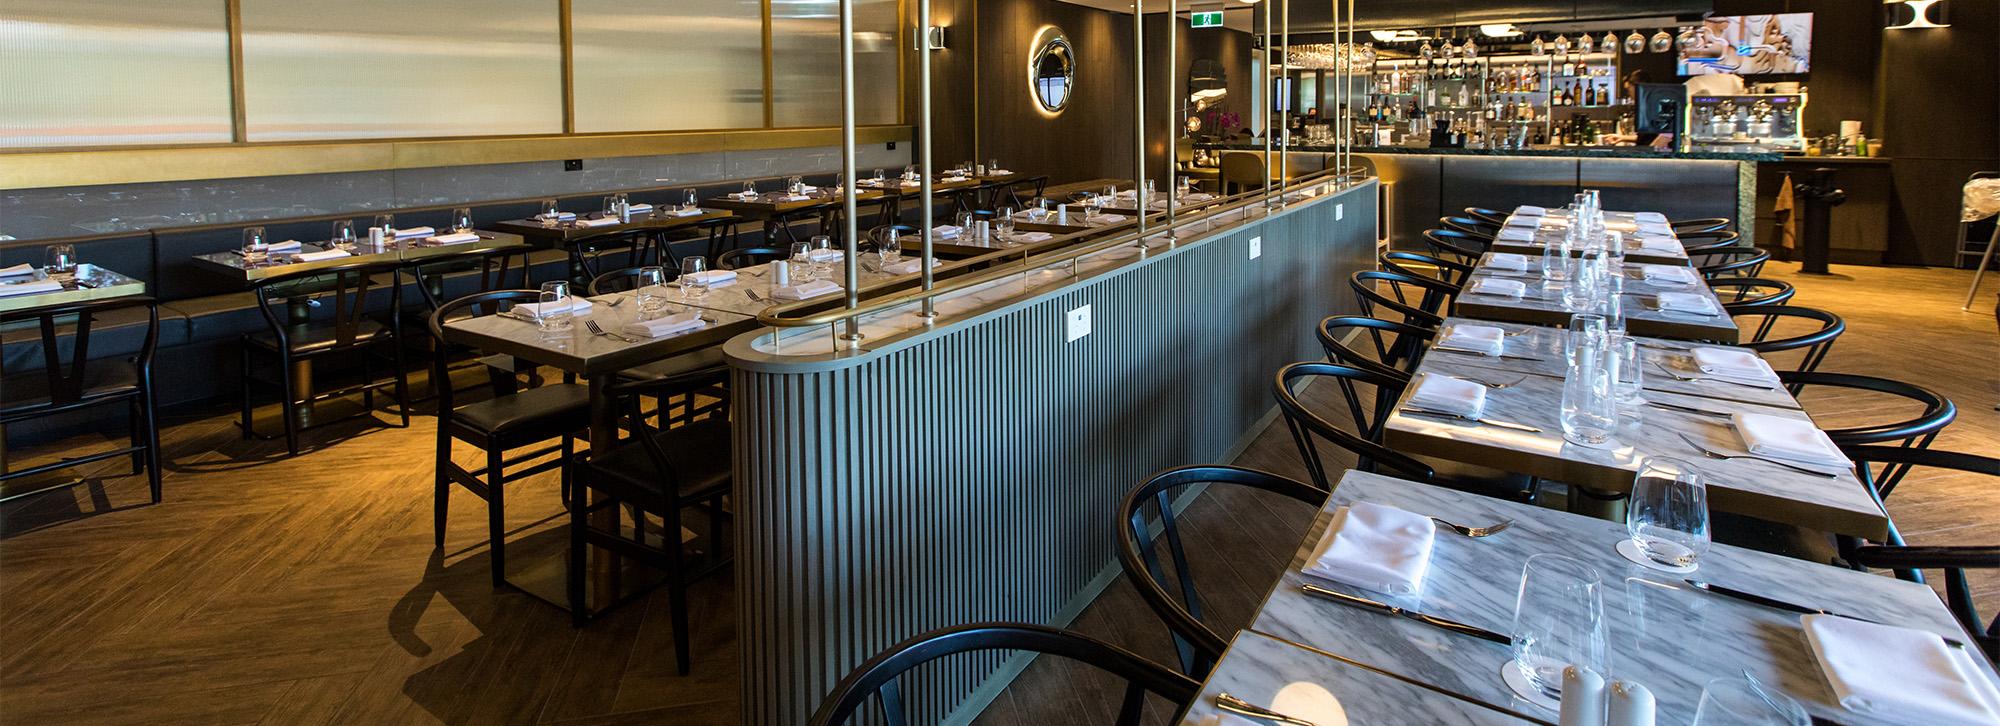 Nate's Restaurant